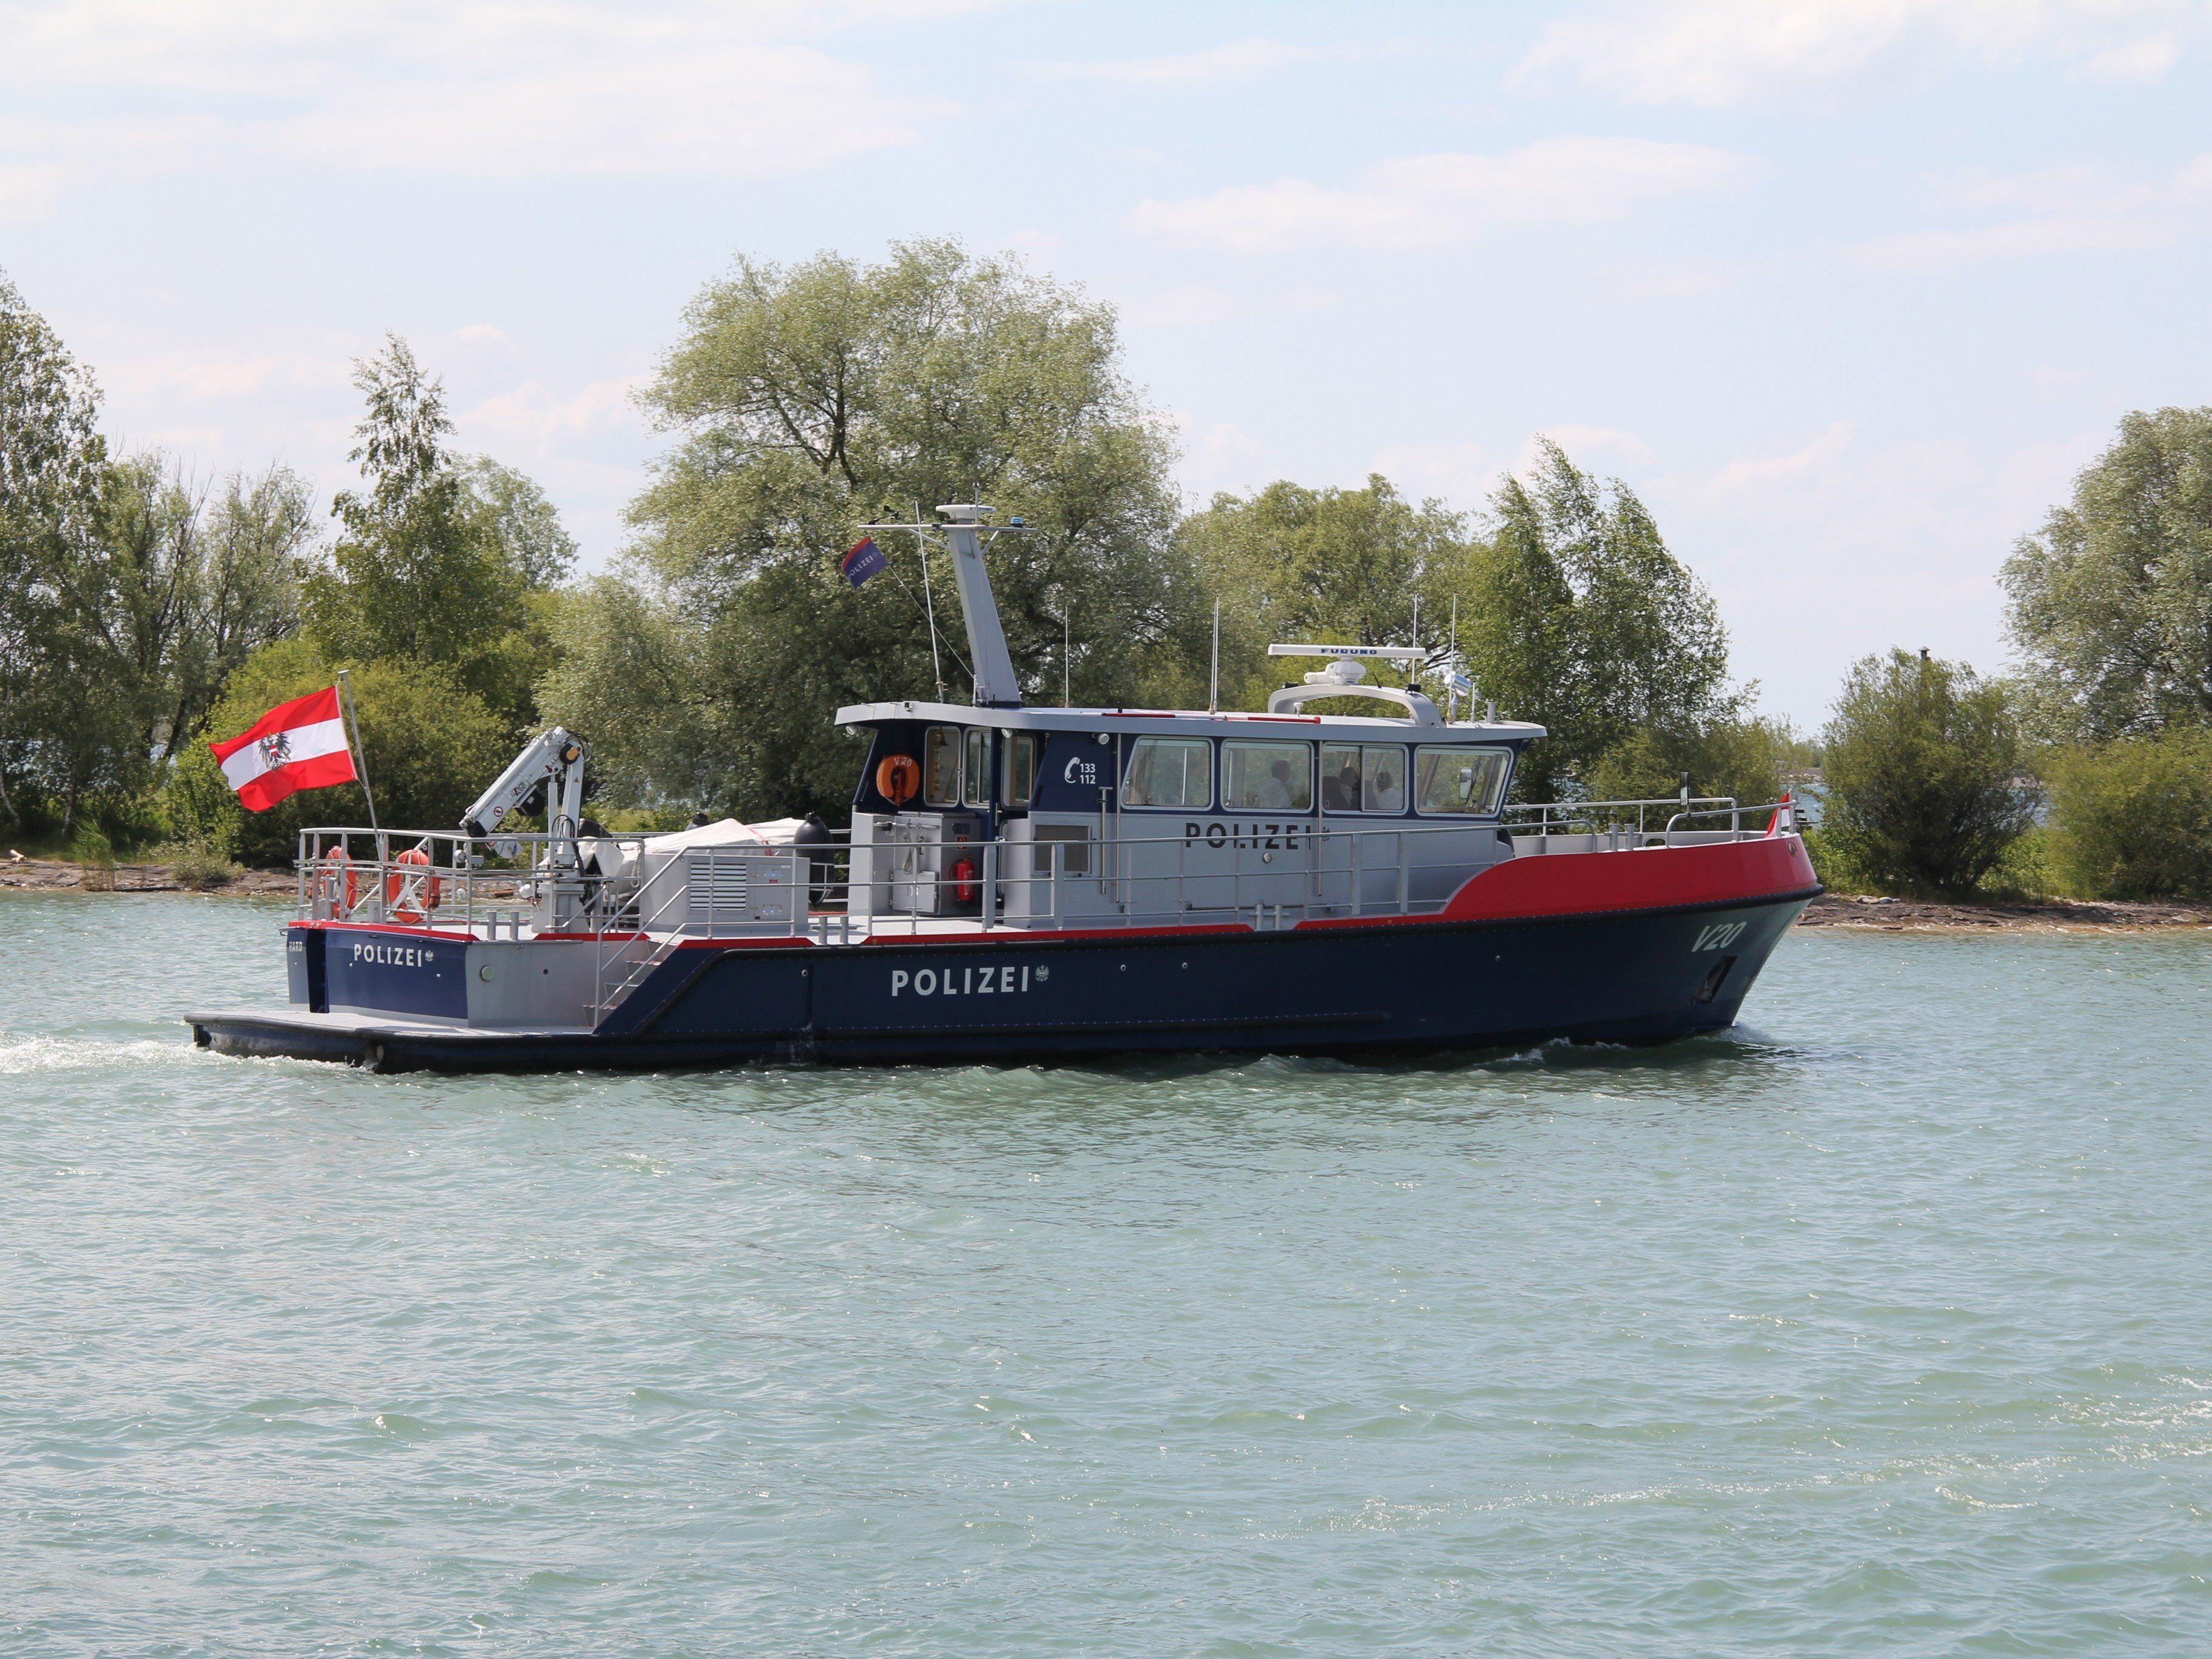 164 Kontrollen auf dem Bodensee durchgeführt.